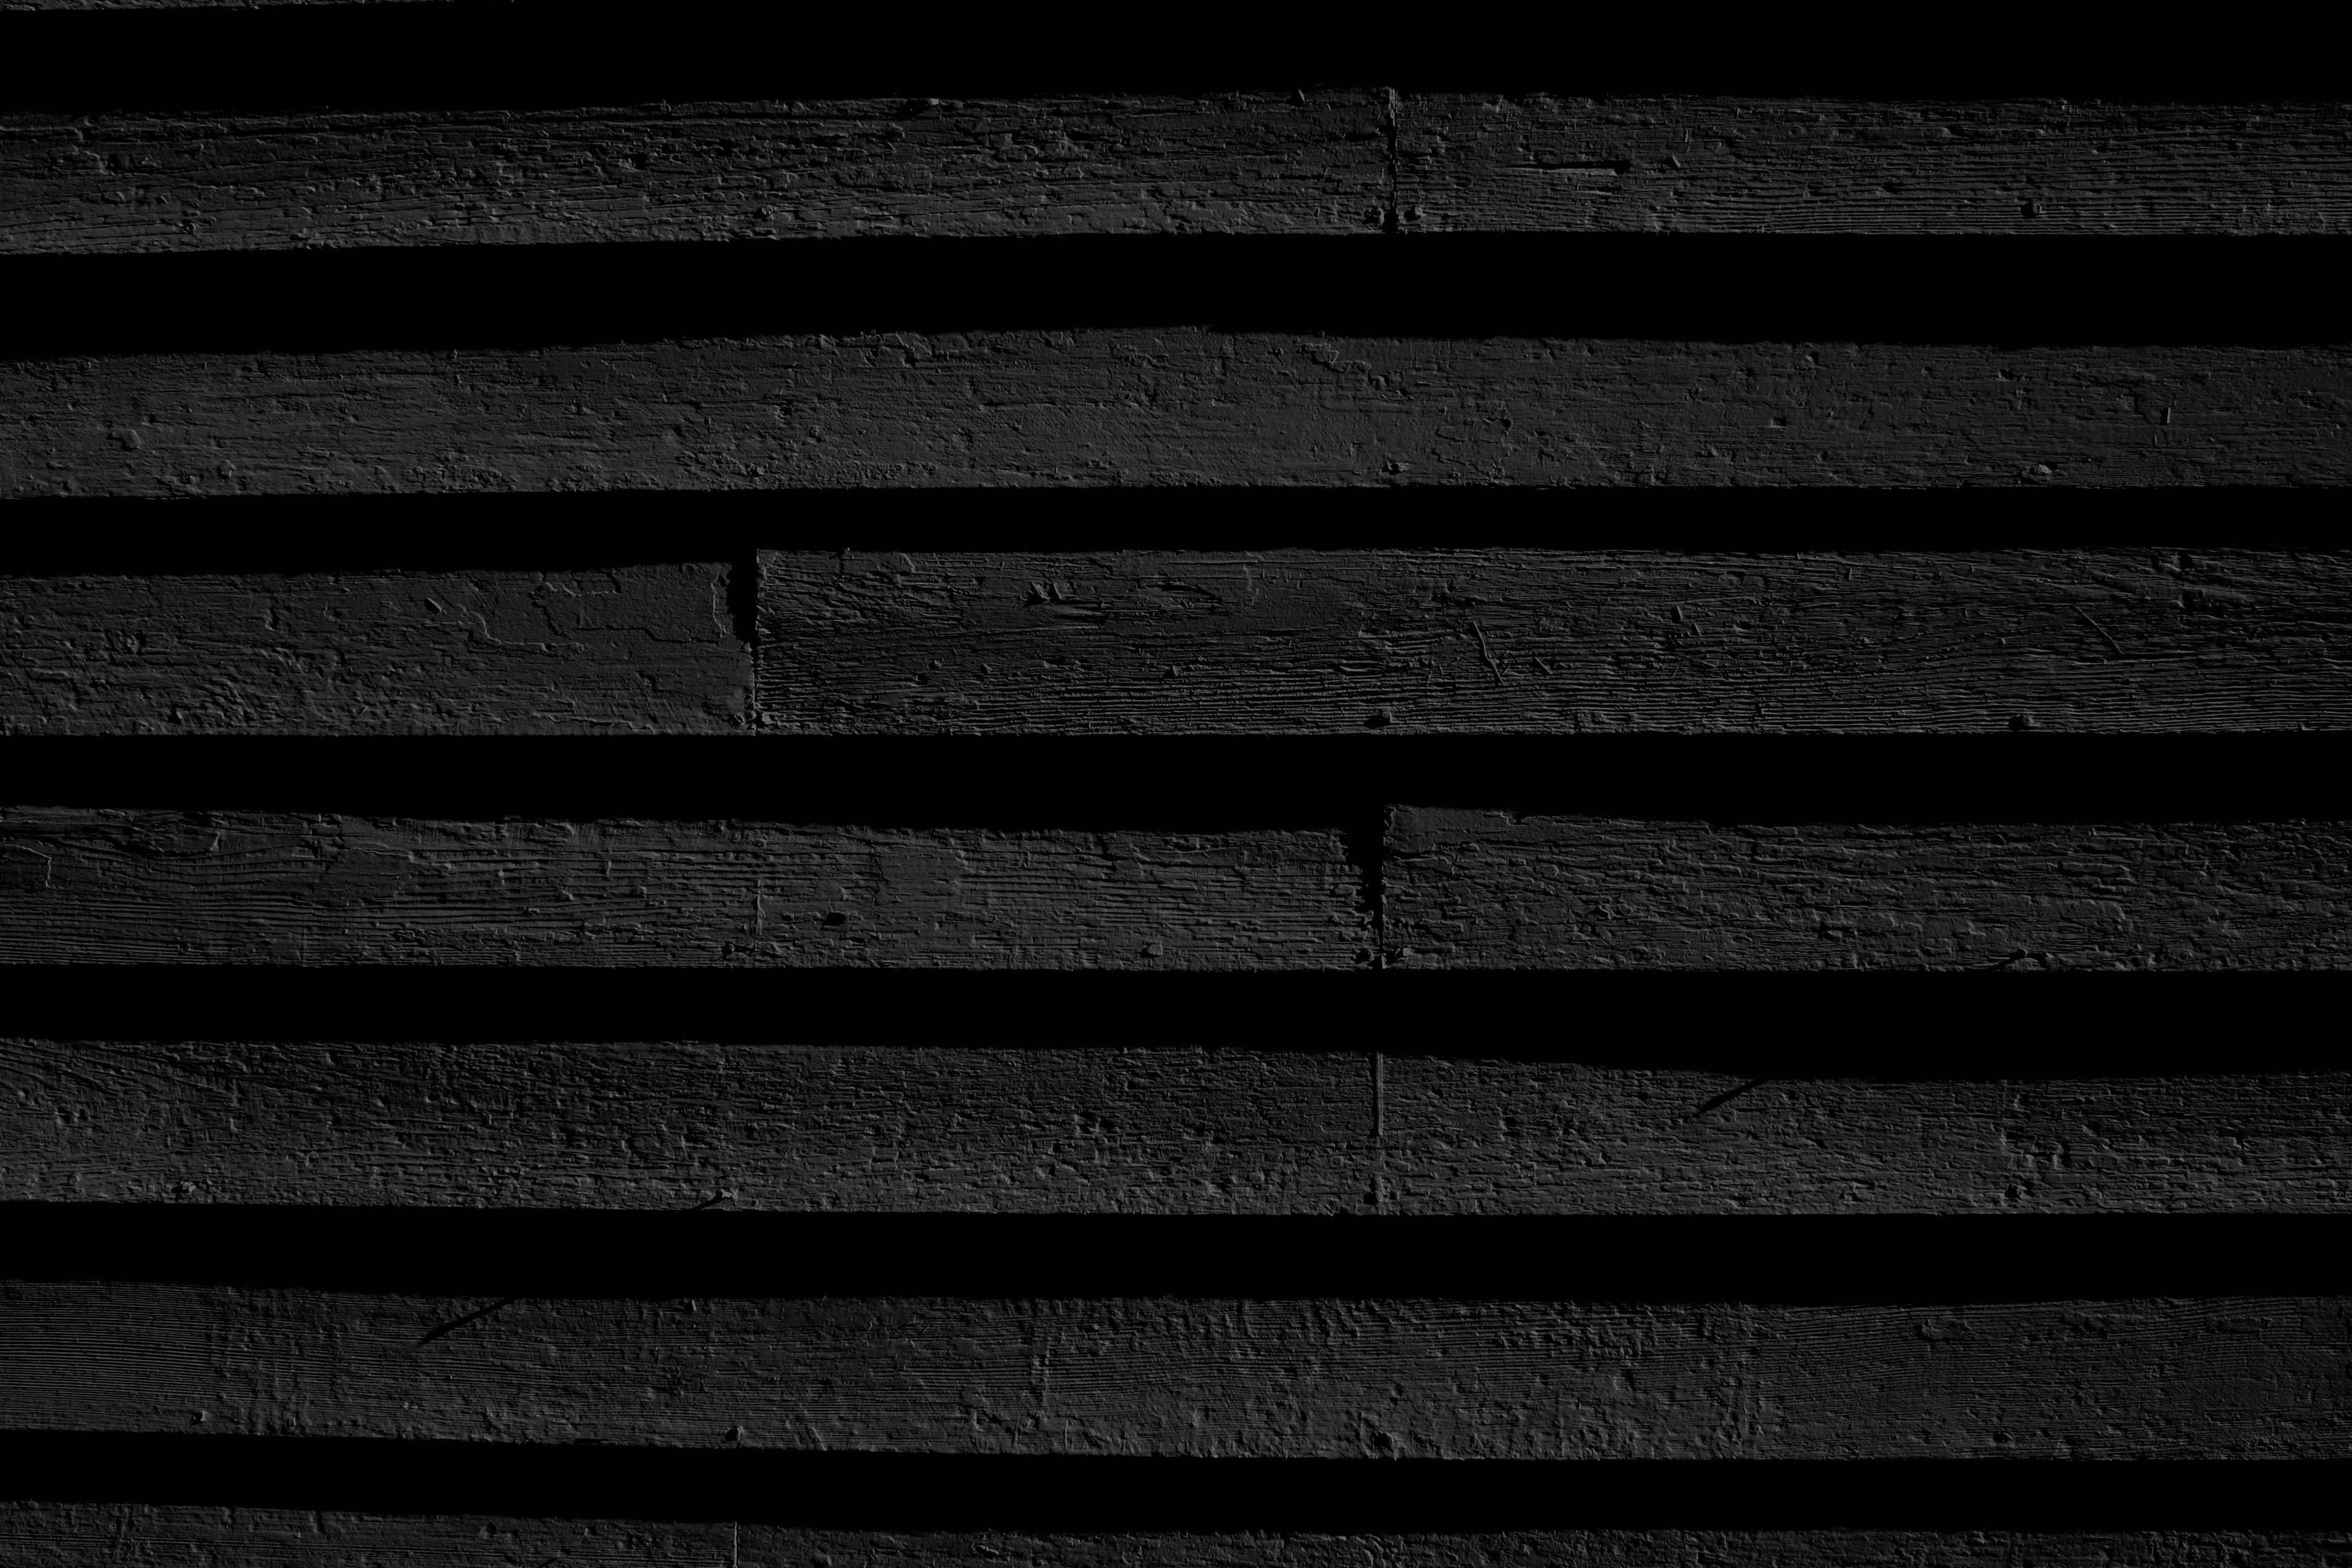 black background website high definition wallpaper black background